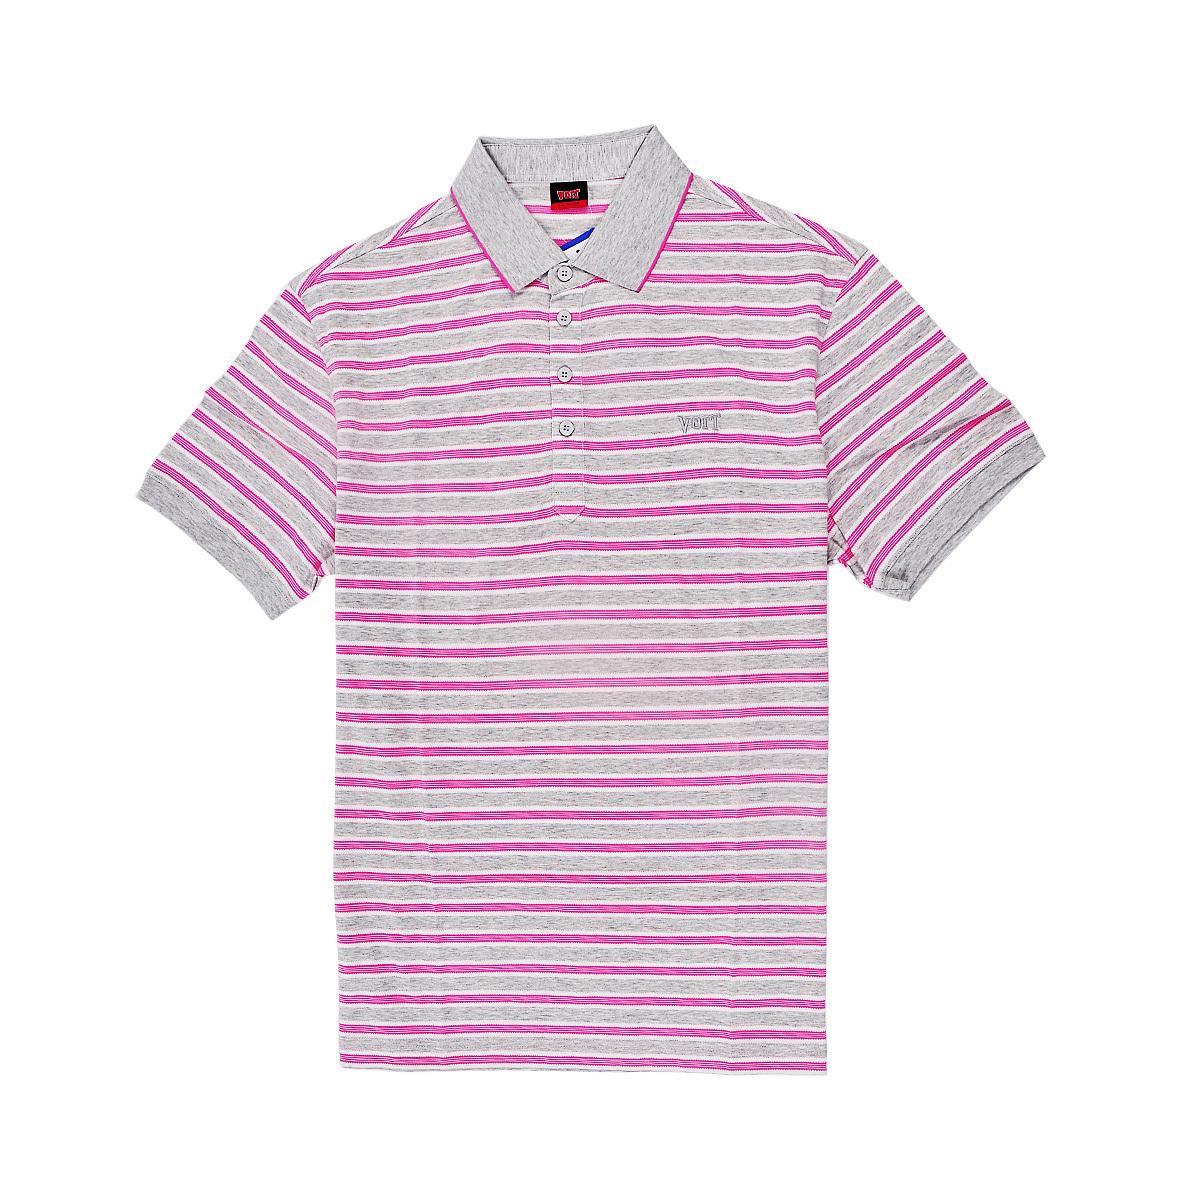 Спортивная футболка Vought 111110525 Voit/T Свободный Воротник-стойка 100 хлопок Для спорта и отдыха Воздухопроницаемые, Быстросохнущие % Логотип бренда, Линейная